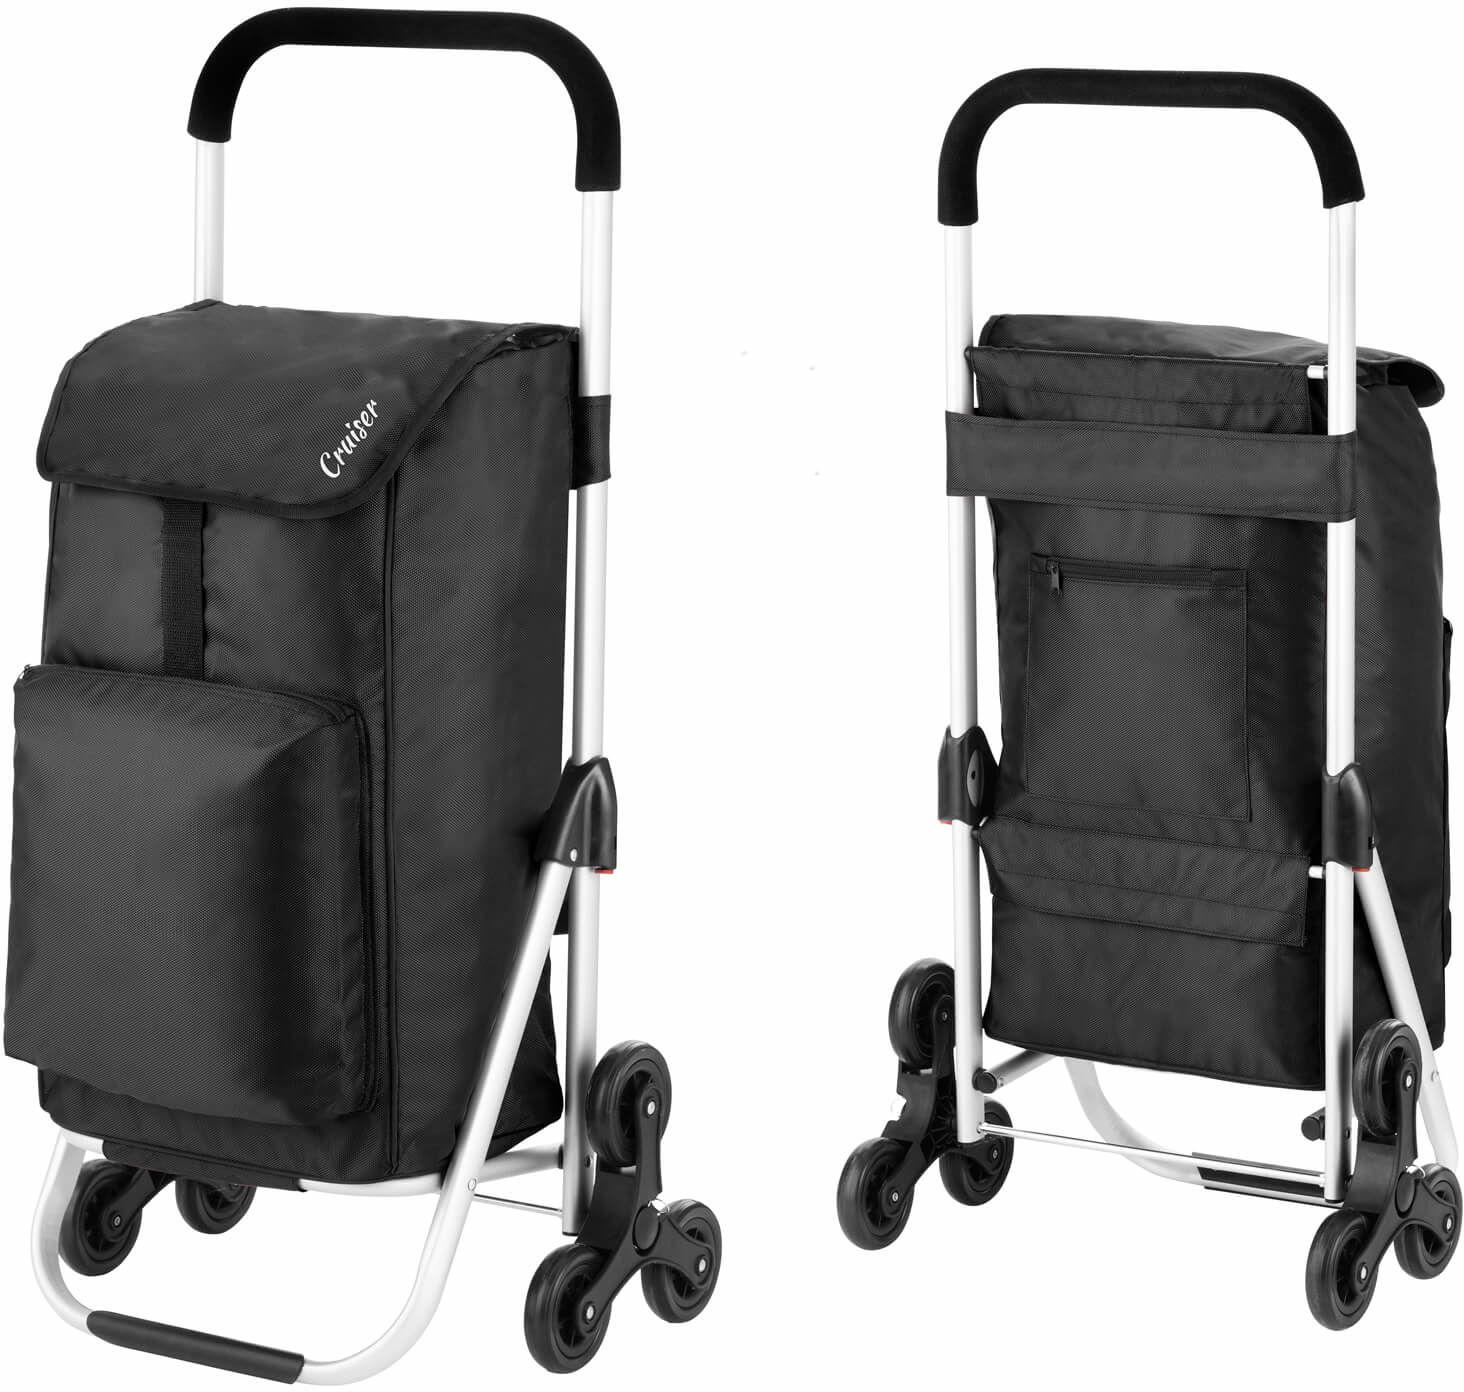 Wózek zakupowy do pokonywania schodów Cruiser Expert /czarny/